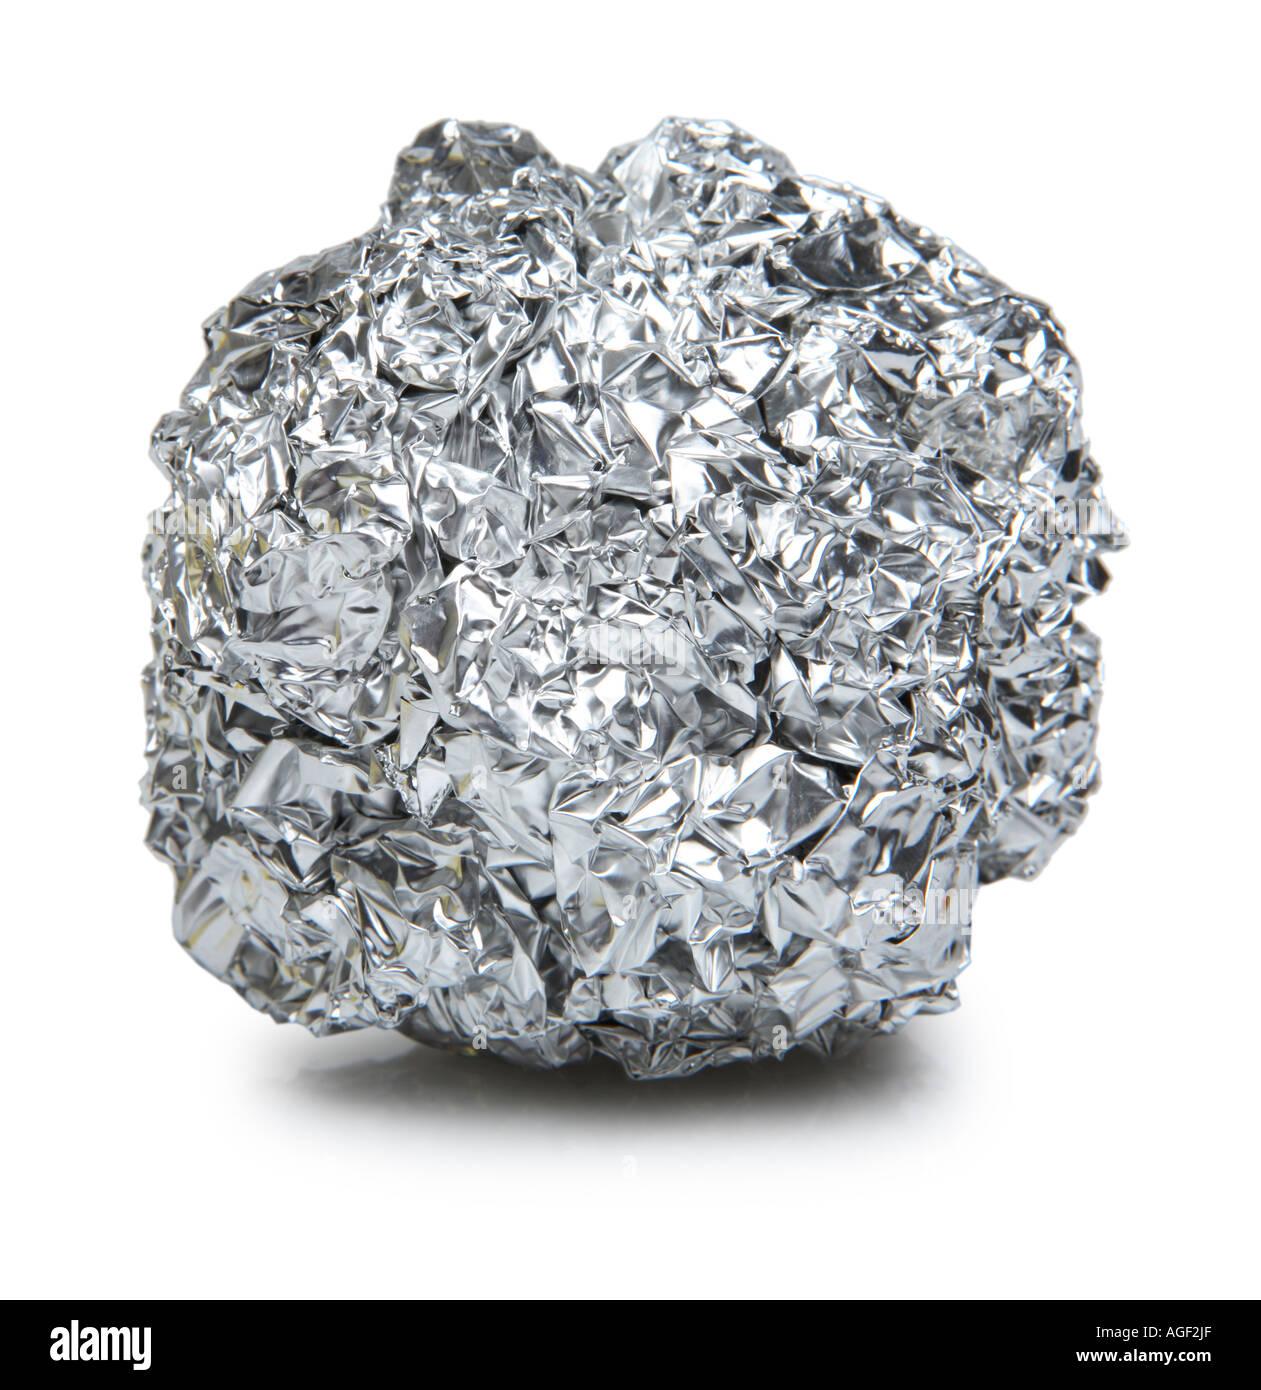 Tin Foil Ball - Stock Image